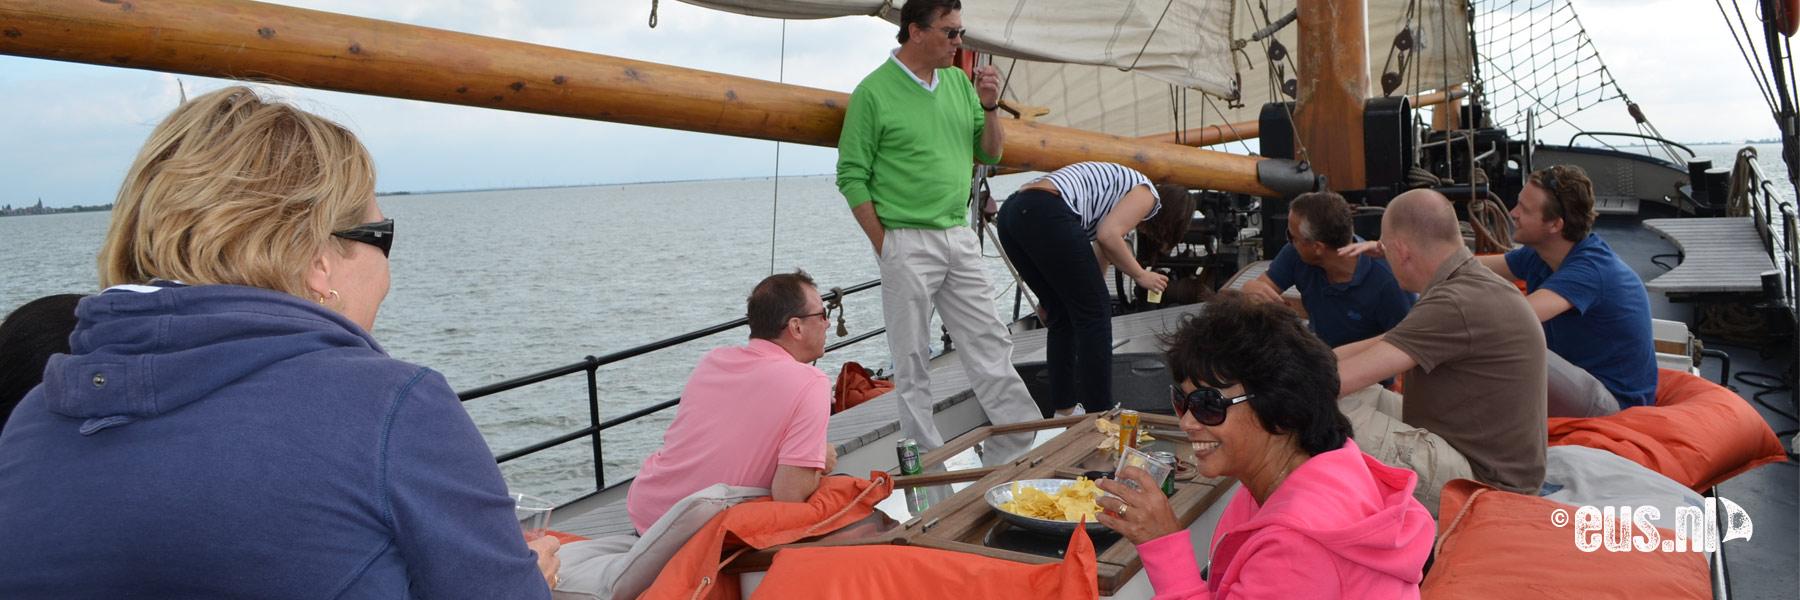 Tjalk zeilen op het IJsselmeer